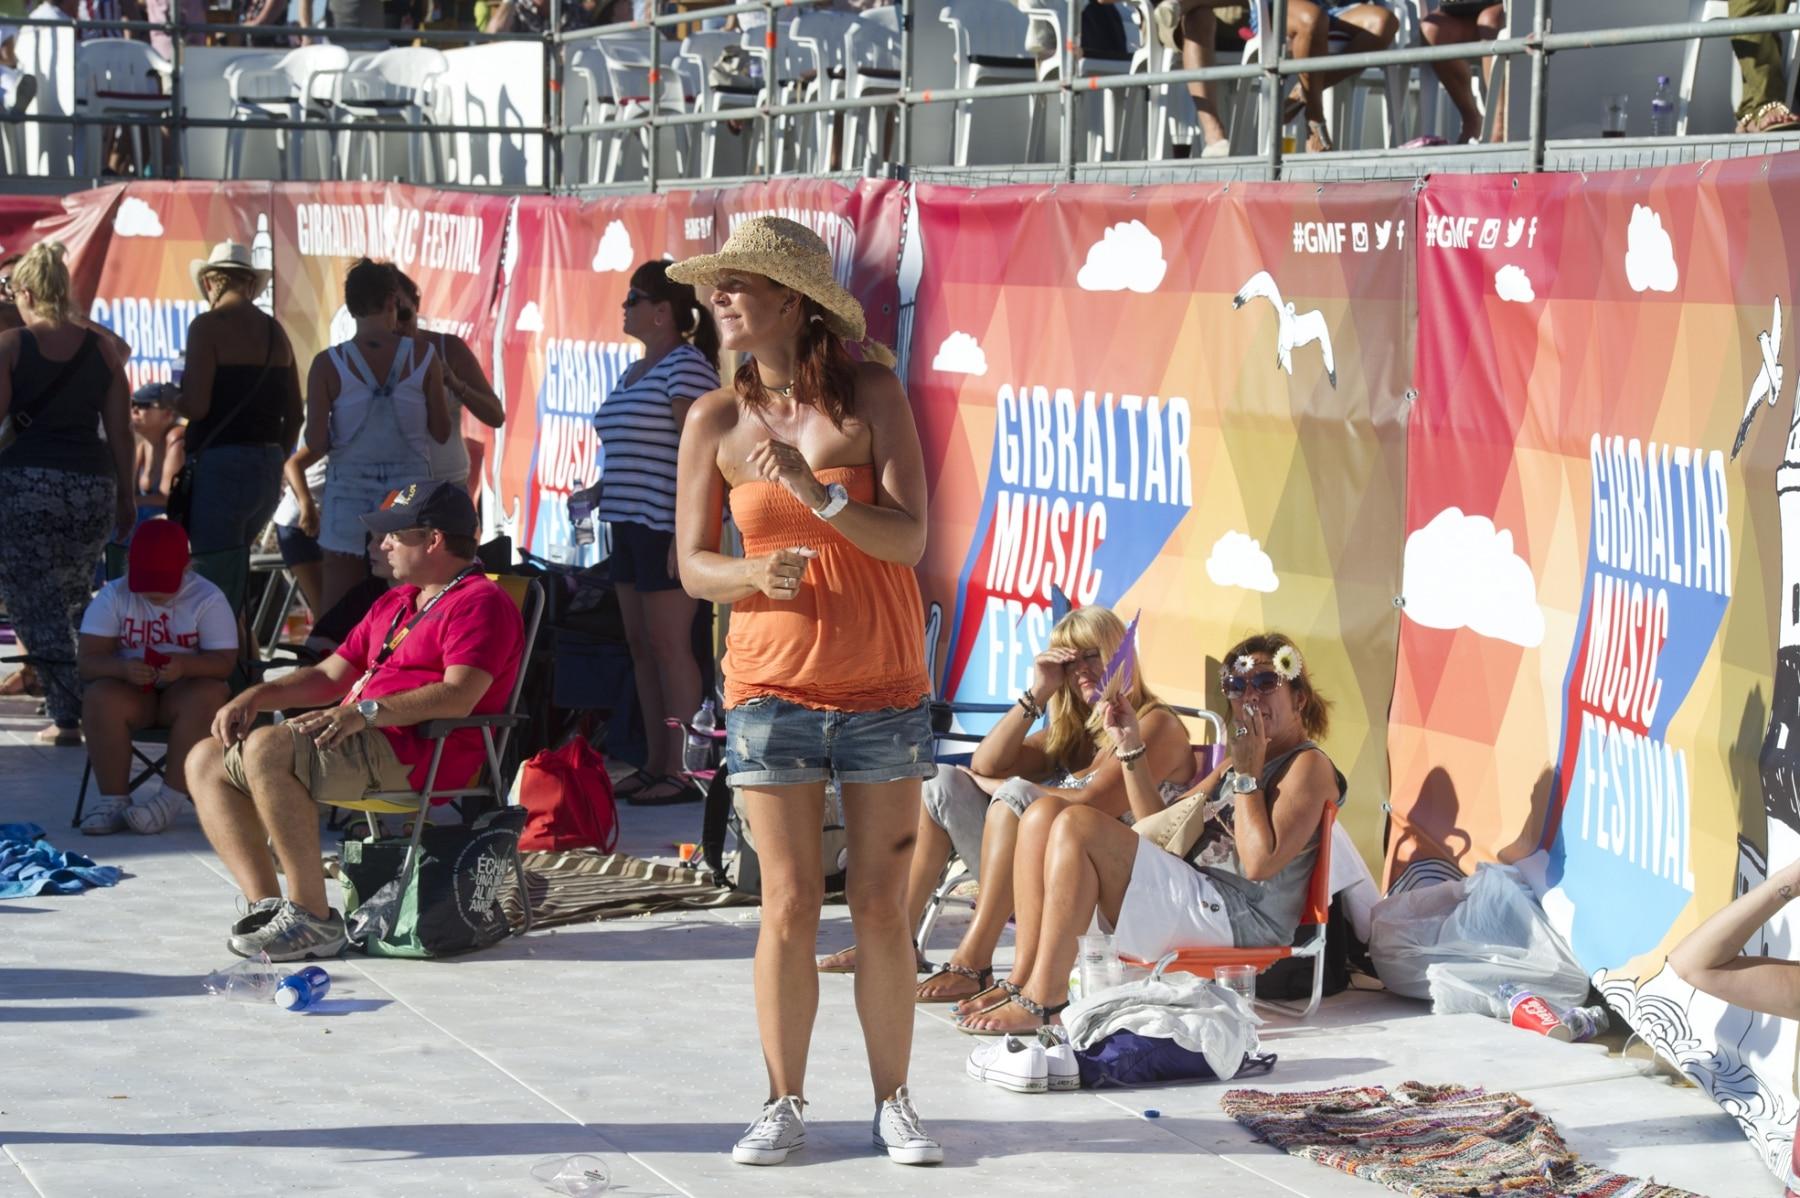 6-de-septiembre-2014-iii-gibraltar-music-festival66_15168300575_o